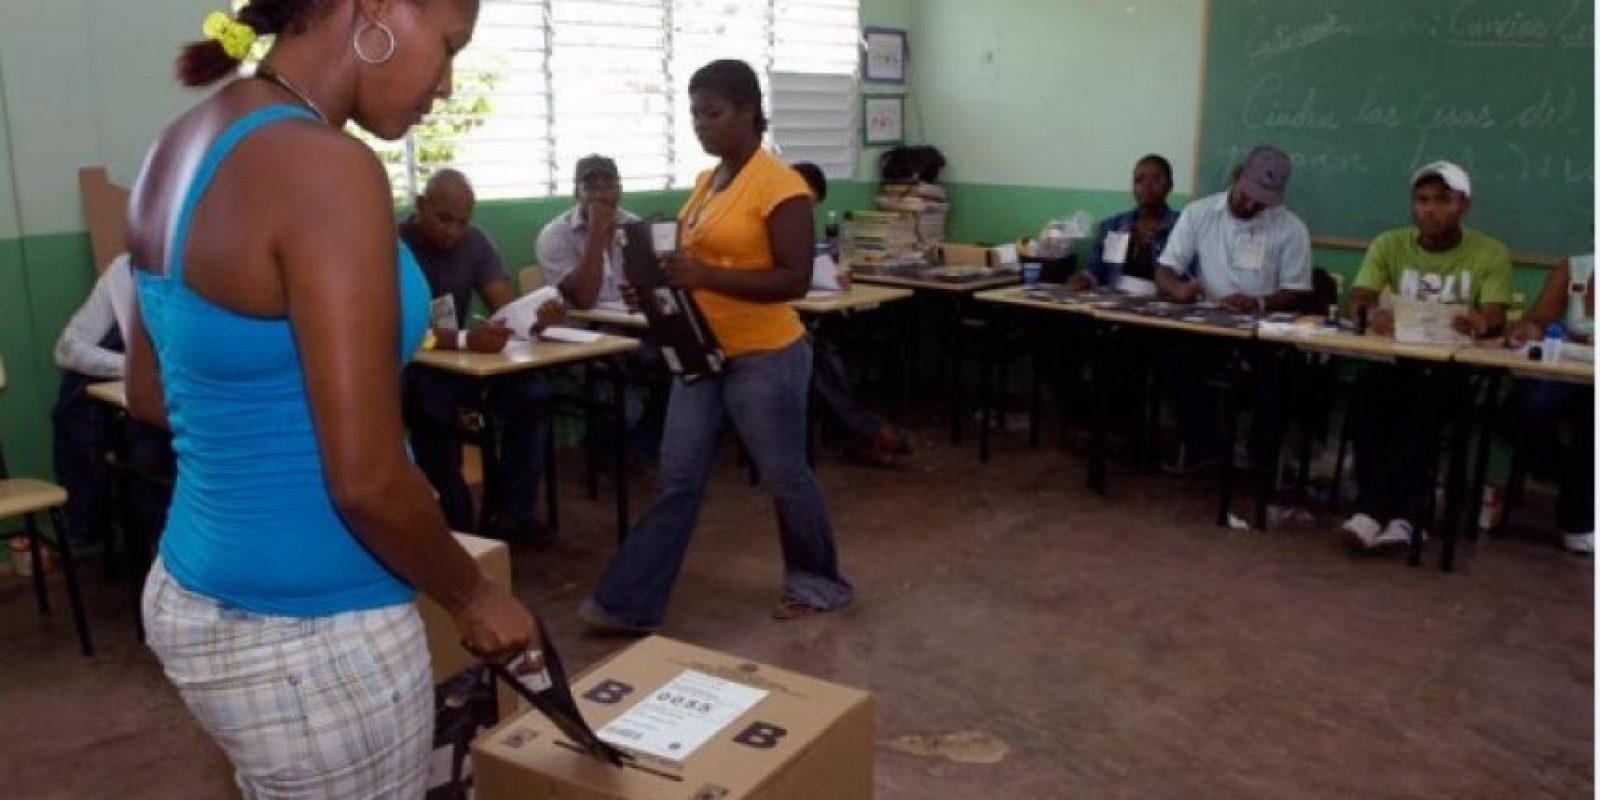 Una dominicana ejerciendo su derecho al voto Foto:Fuente Externa